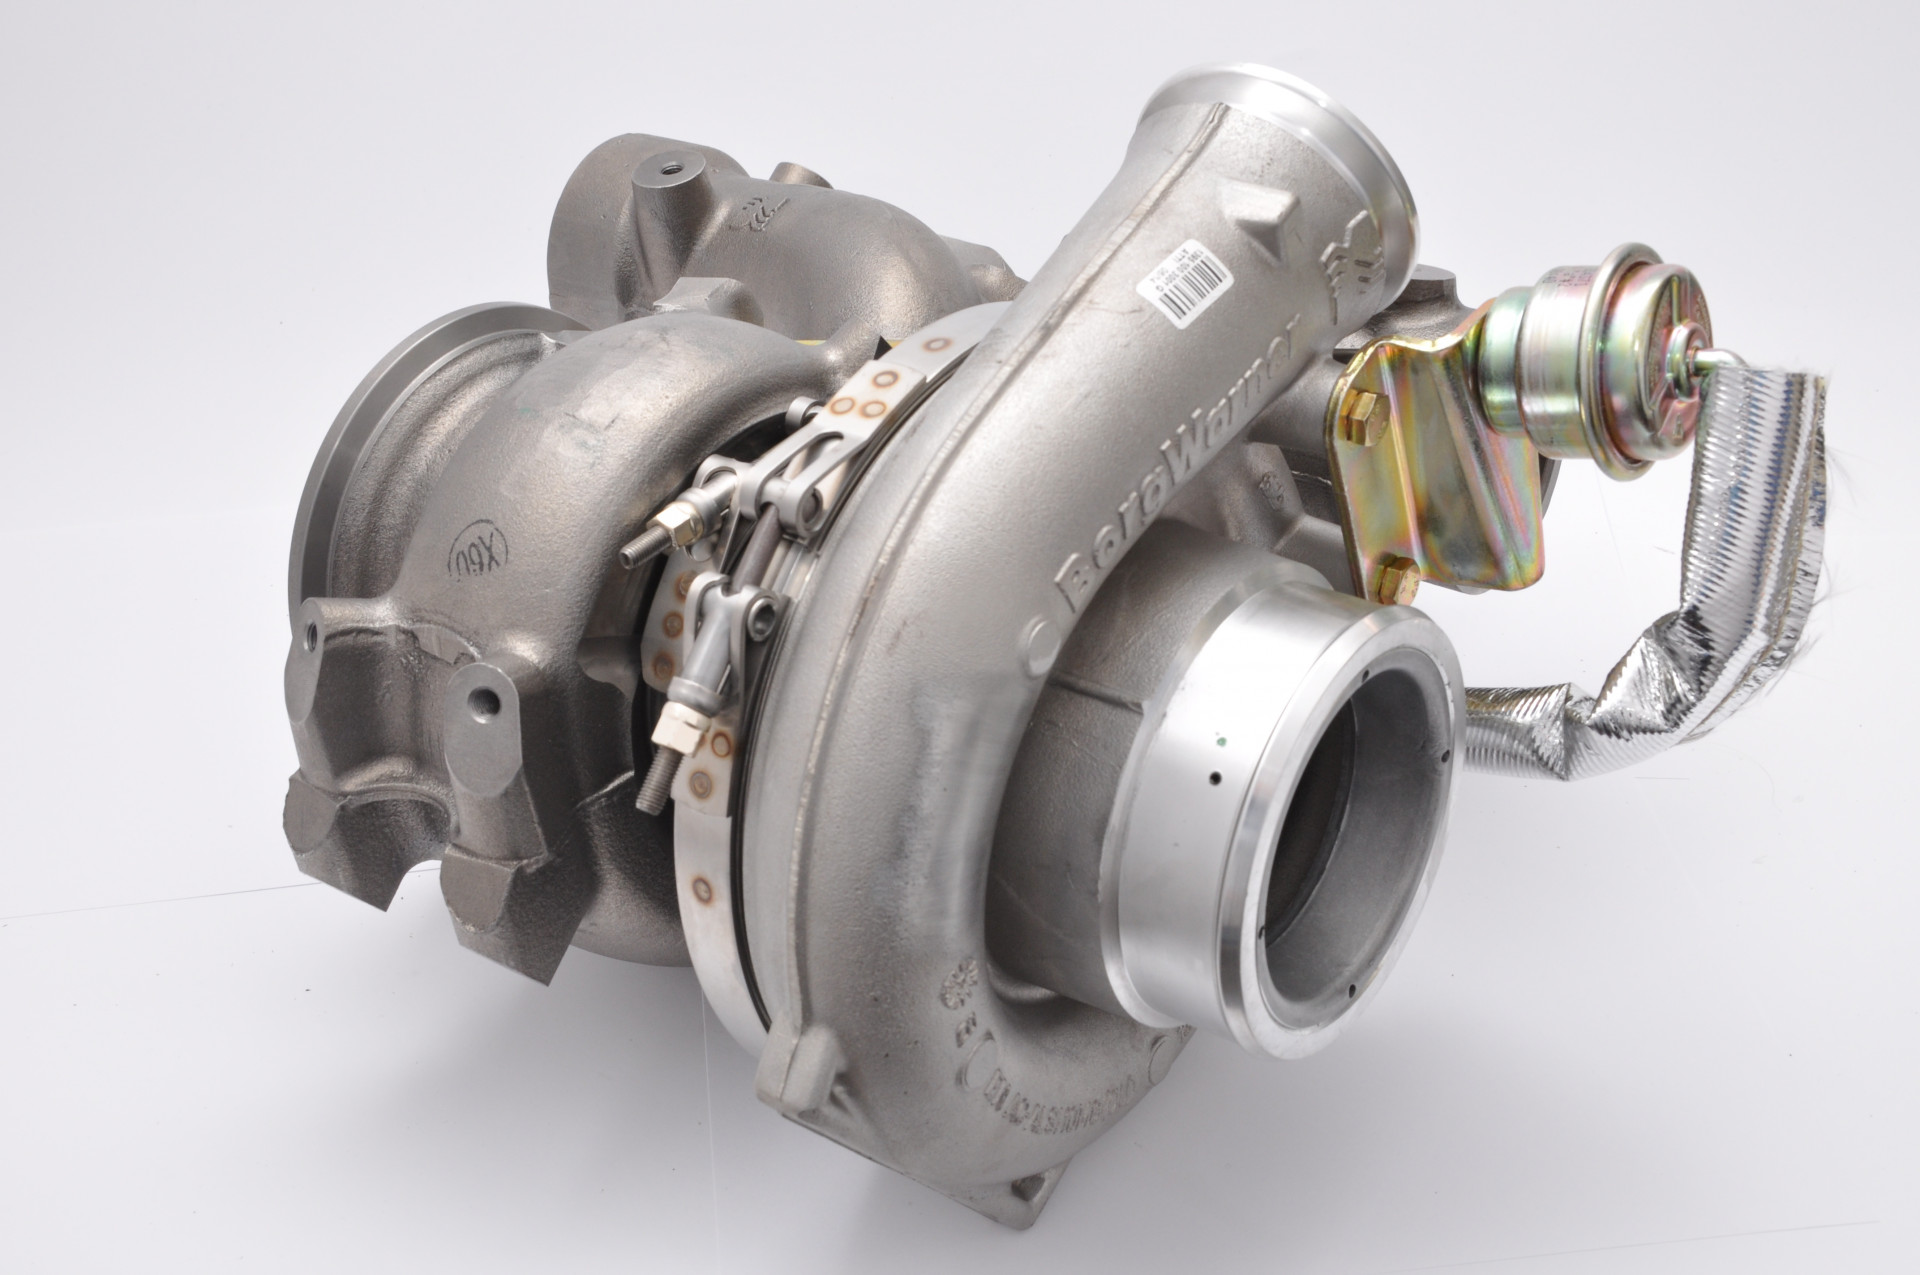 Ekonomiczna alternatywa dla nowej turbosprężarki_01.JPG